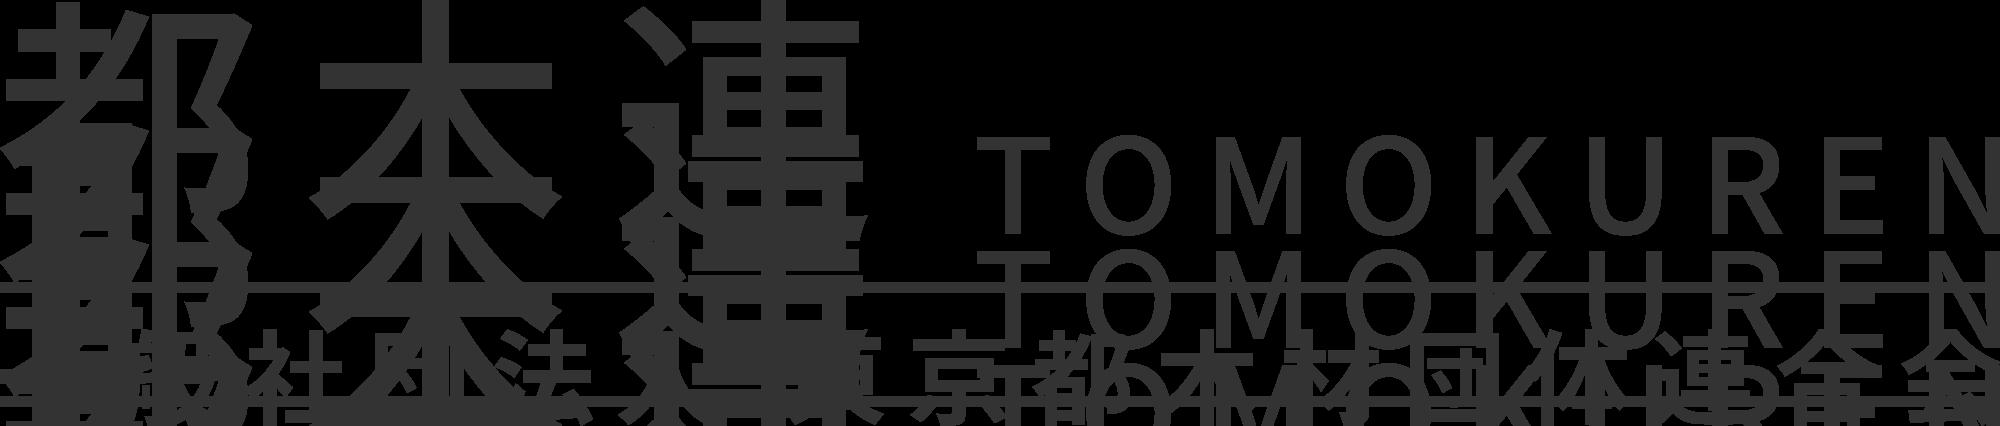 東京都木材団体連合会